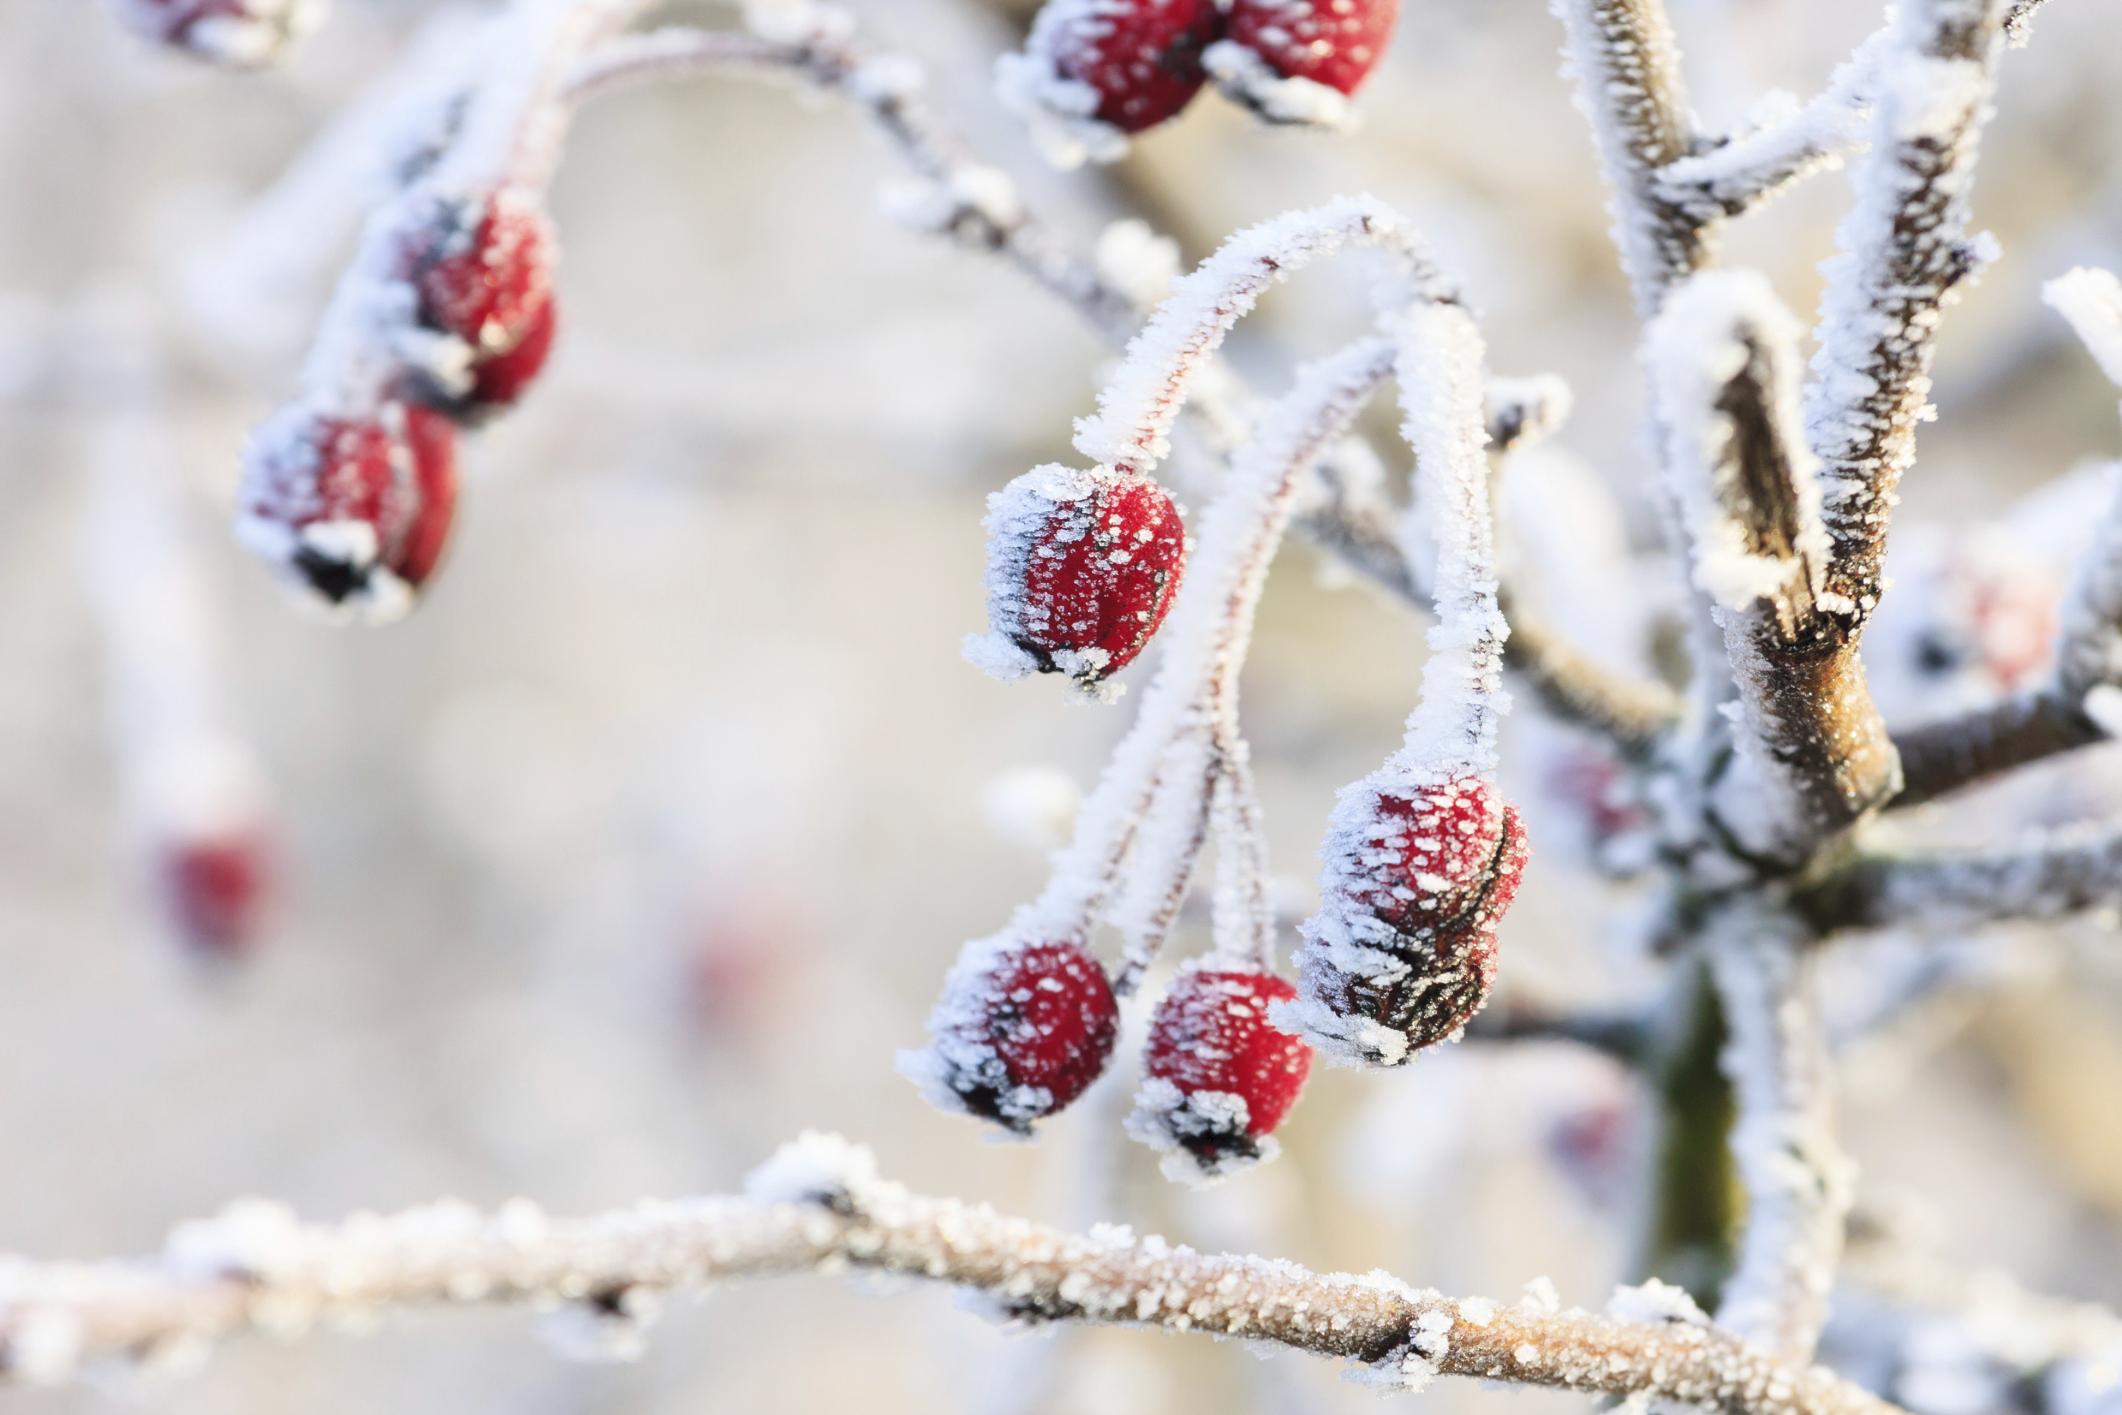 cmo hacer nieve casera para decorar el rbol de navidad ehow en espaol